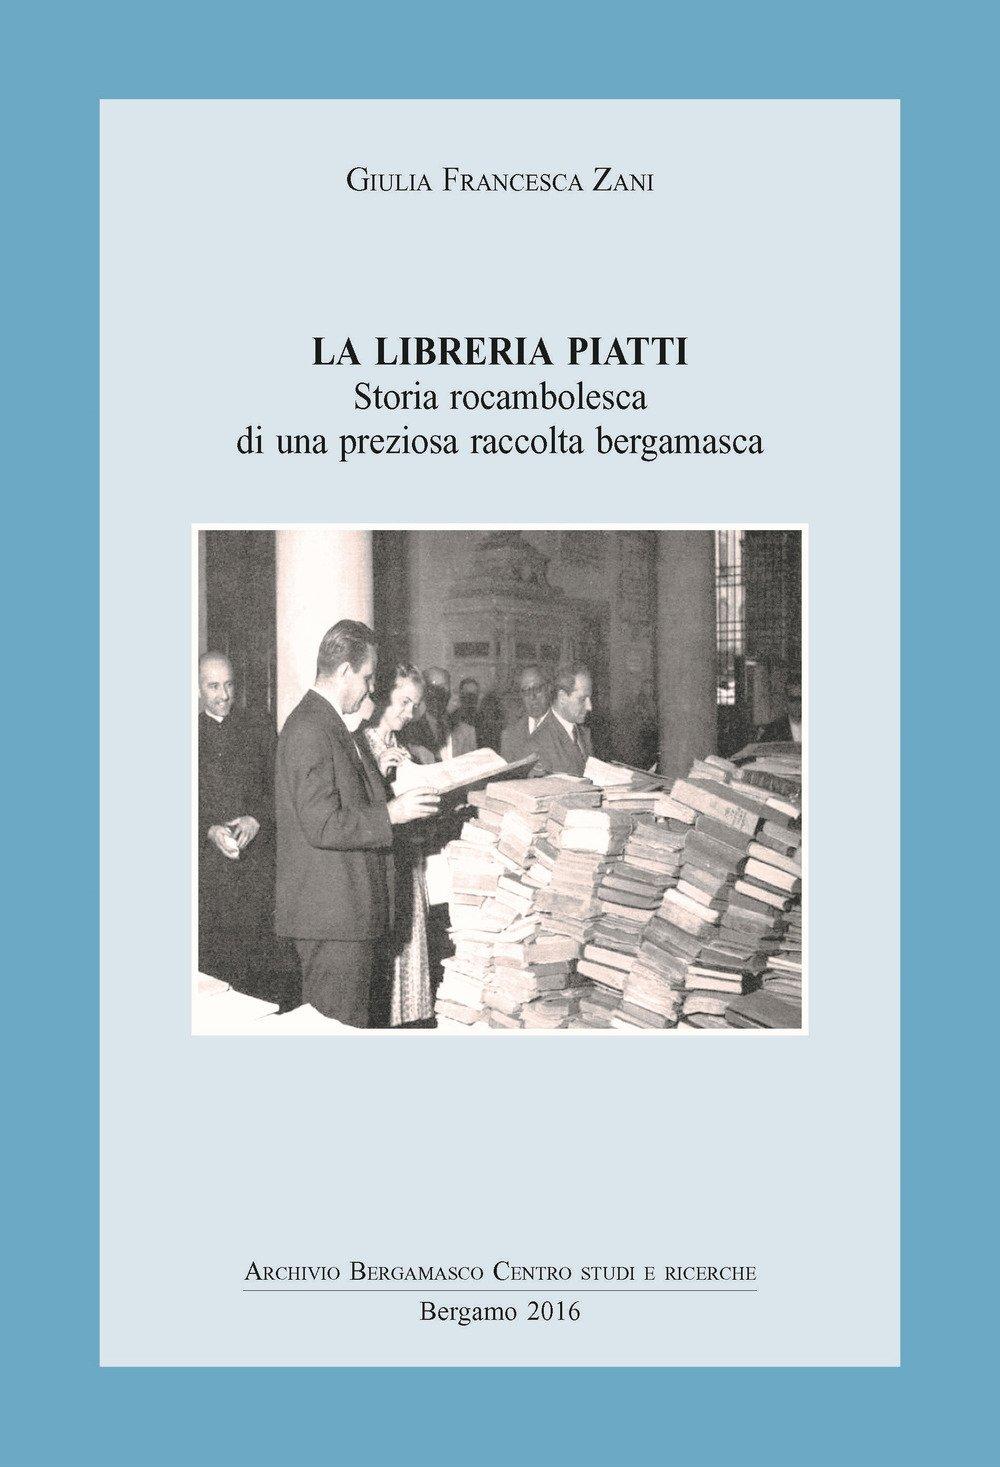 La libreria Piatti. Storia rocambolesca di una preziosa raccolta bergamasca